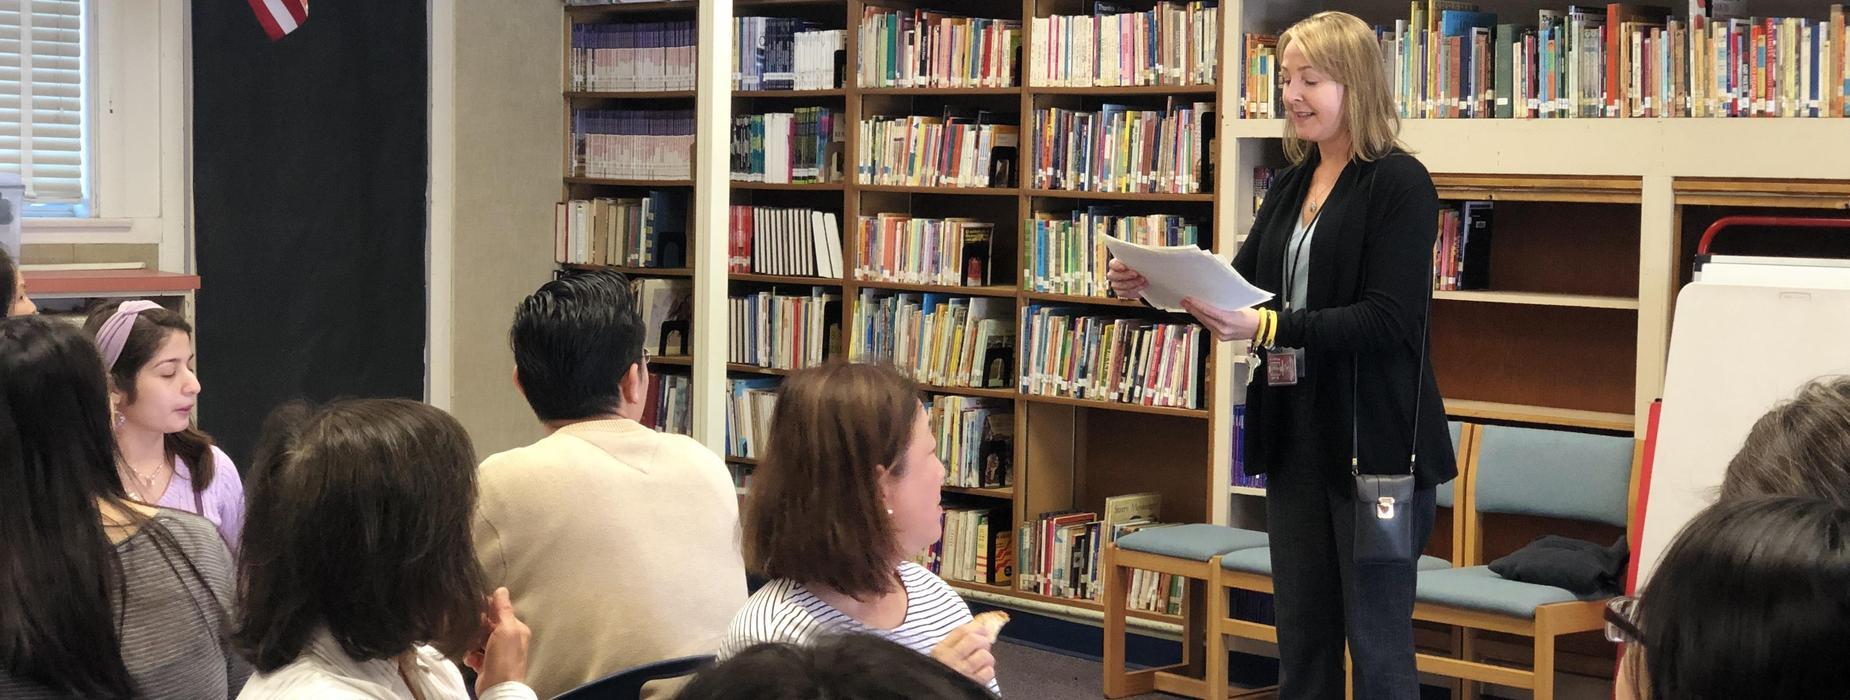 Principal Teresa Johnson speaking during staff lunch